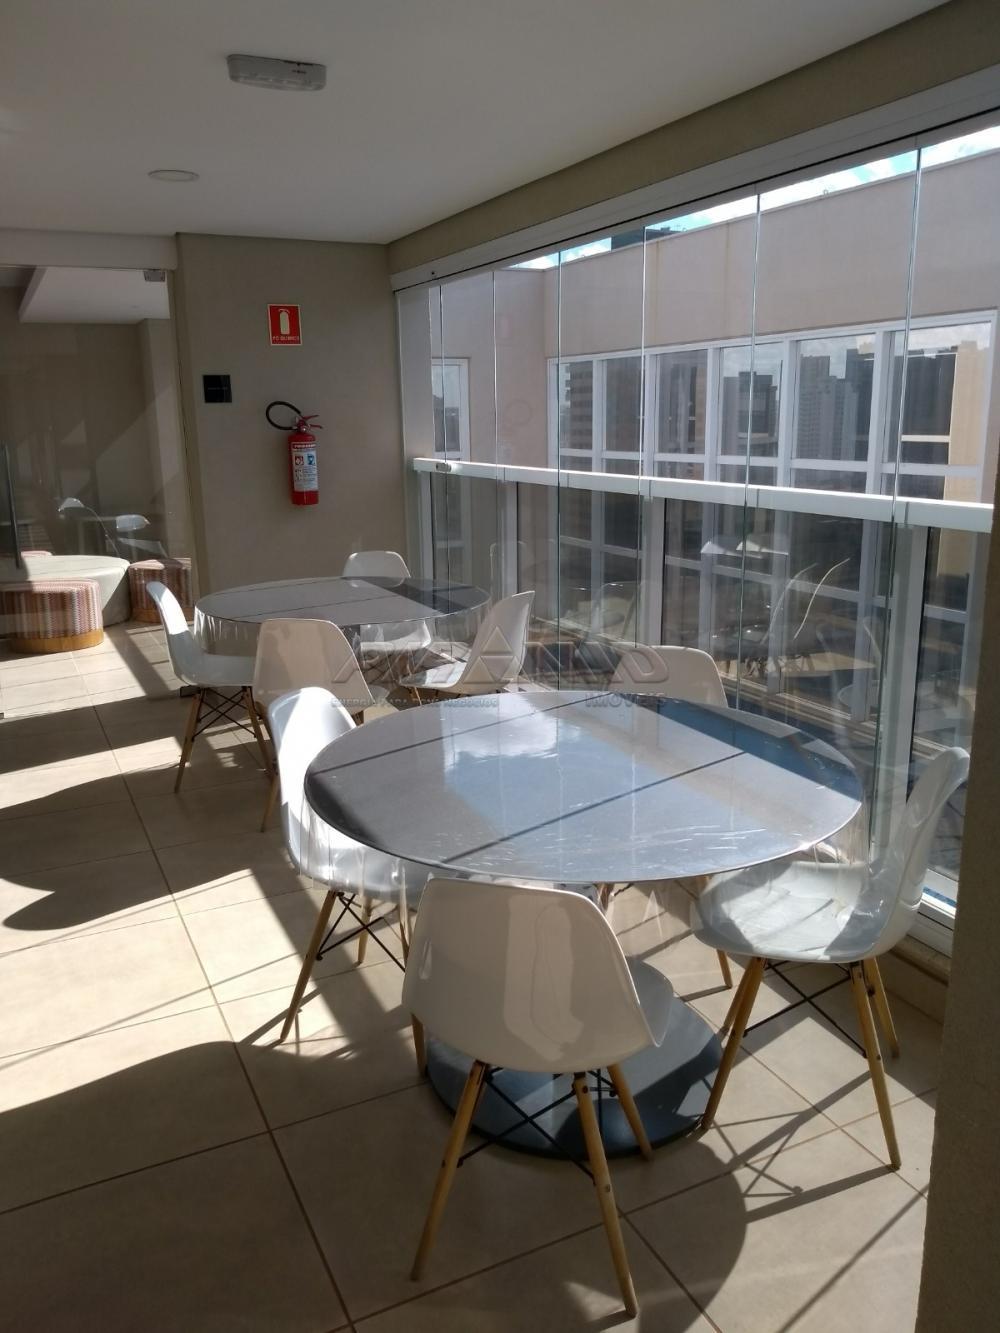 Alugar Apartamento / Padrão em Ribeirão Preto R$ 1.700,00 - Foto 58